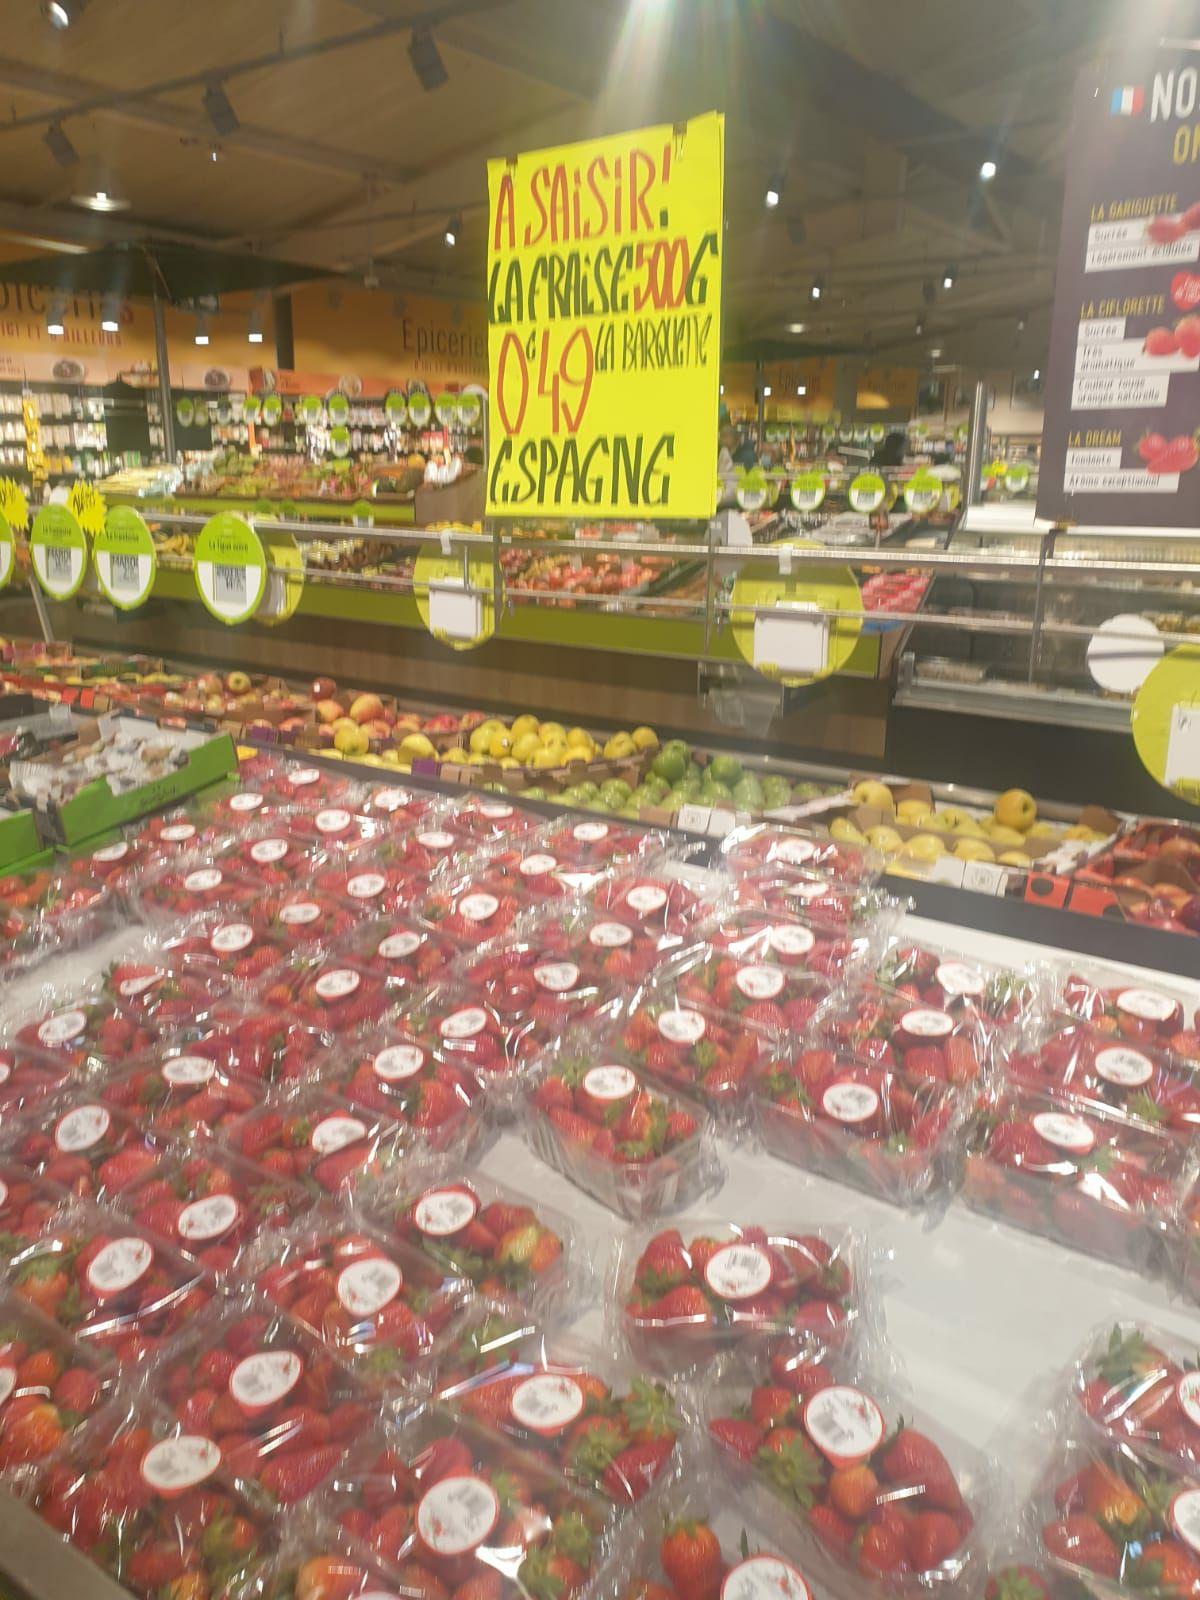 Barquette de fraise (500g) - Aulnoy-lez-valenciennes (59)